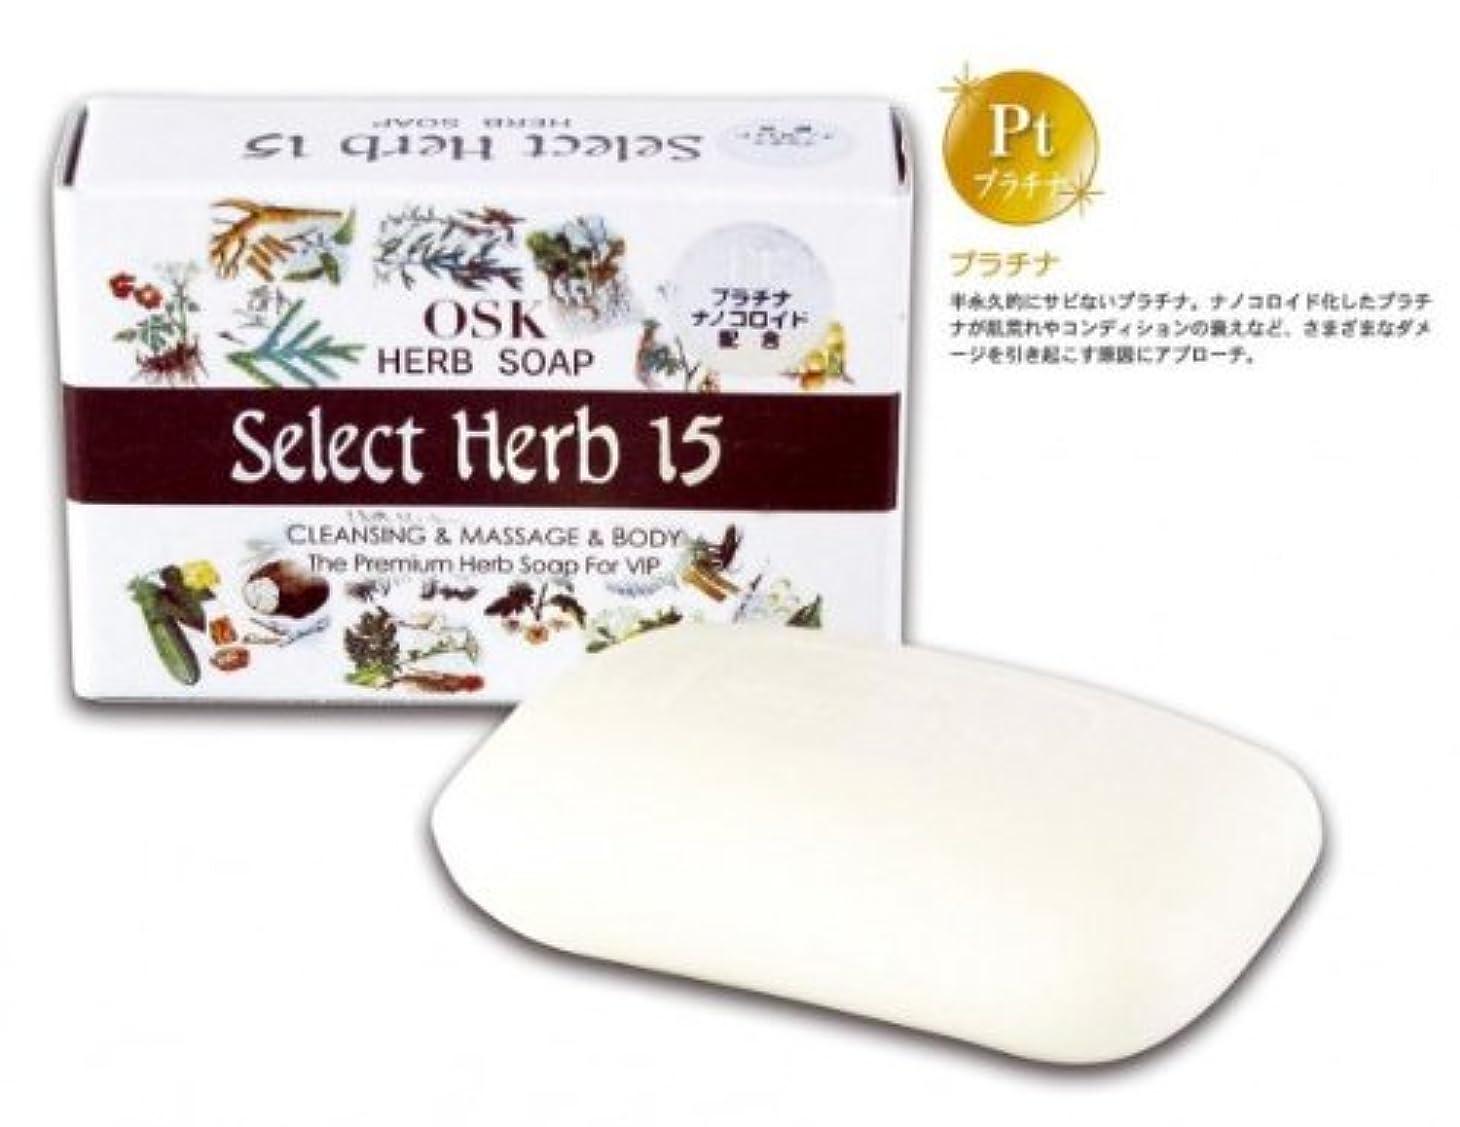 モーター不当専門知識NEW OSK SOAP SelectHerb15(ニューオーエスケーソープセレクトハーブ15)135g